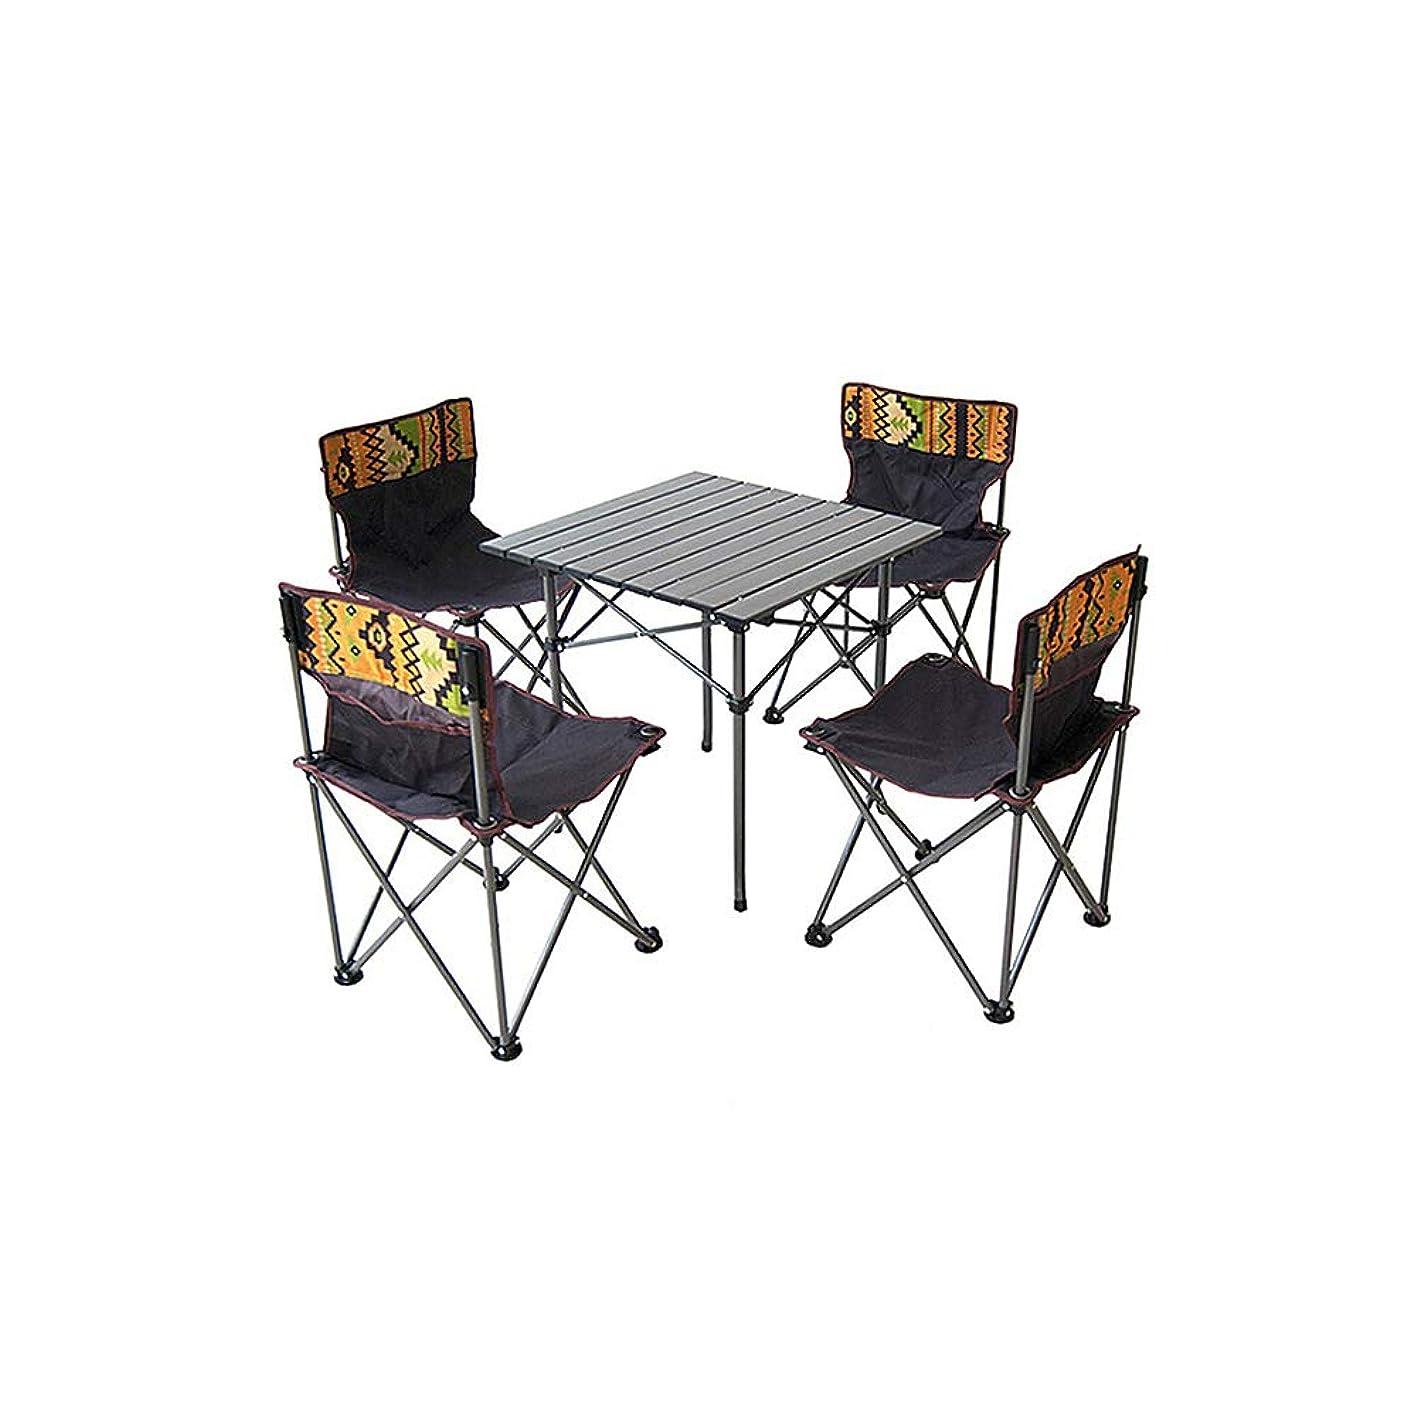 誤解を招く風景ジョージハンブリーINEKI テーブルチェアセット 5点 椅子 背もたれ付き ピクニック アウトドア キャンプ レジャー 専用キャリーバッグ 収納袋 アルミ テーブル チェア セットレジャー キャンプ ベンチセット 防災 地震対策